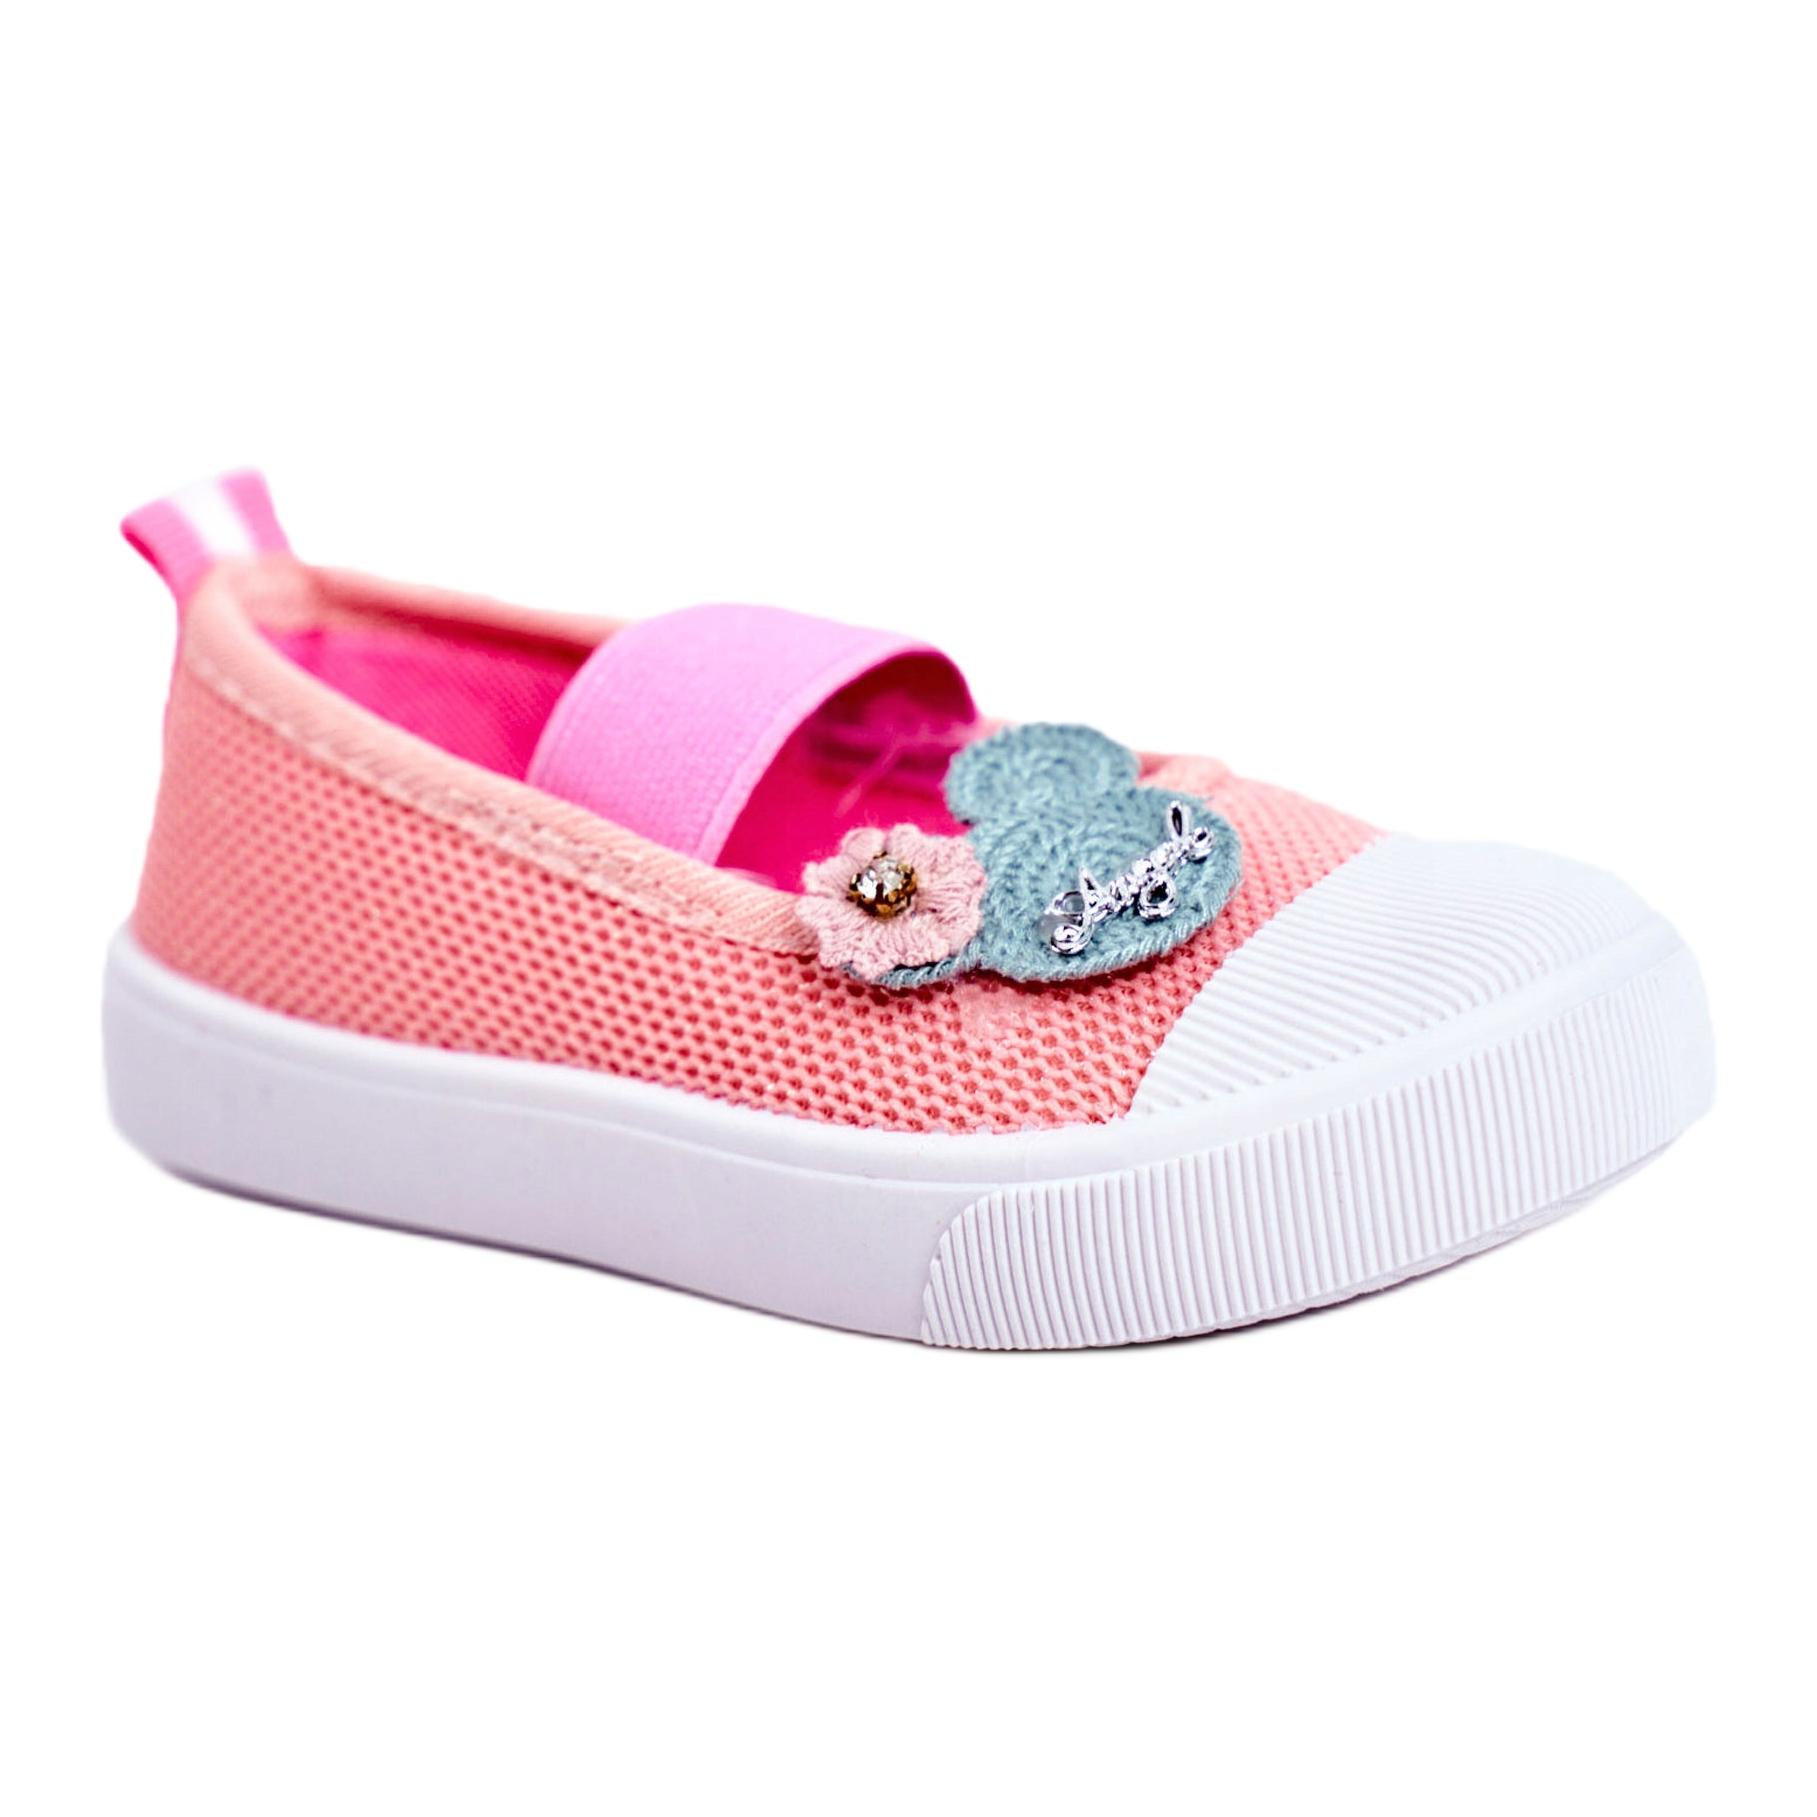 miniatura 4 - Le Scarpe Sneakers per bambini Estienne con chiusura strappo multicolore rosa